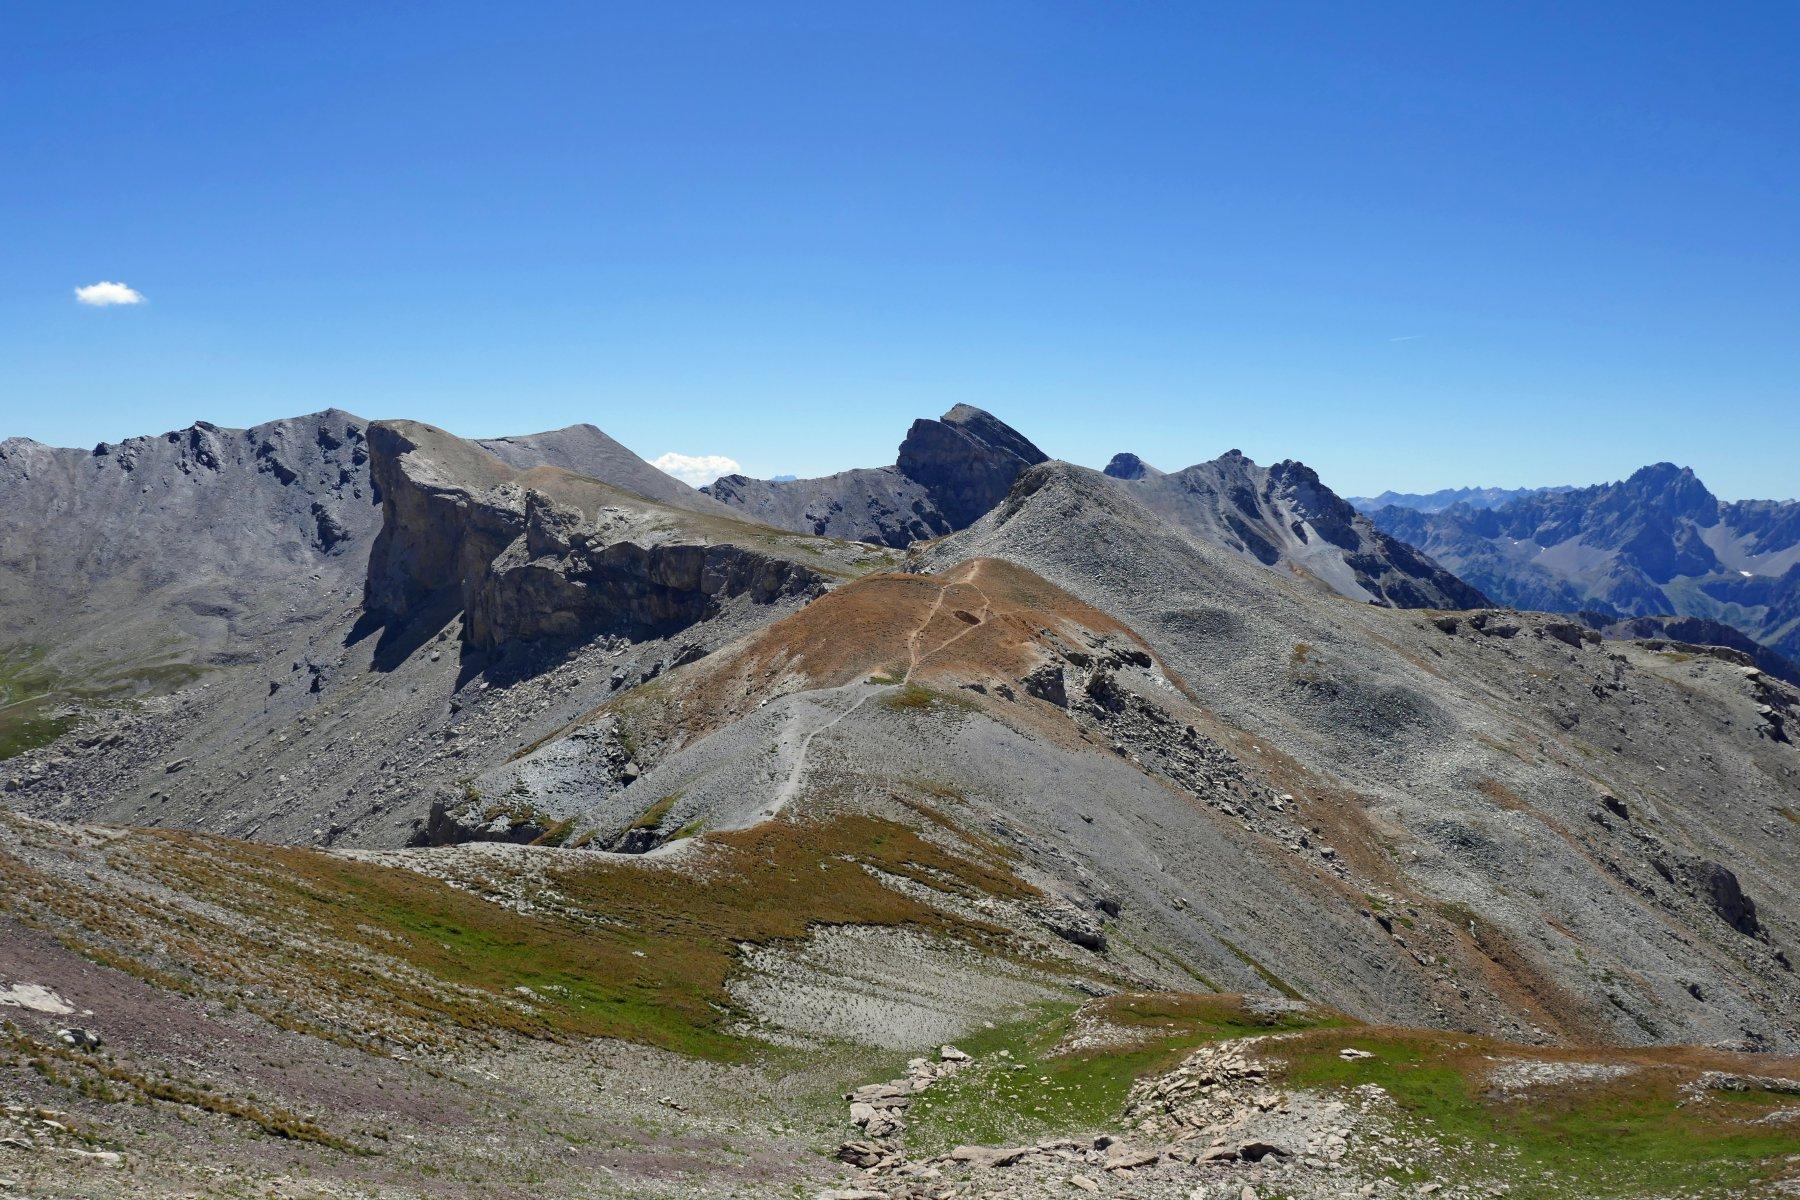 Dalla parte finale vista sulla bassa di Terrarossa, Albrage, Freide e lontana la mole dell' Oronaye